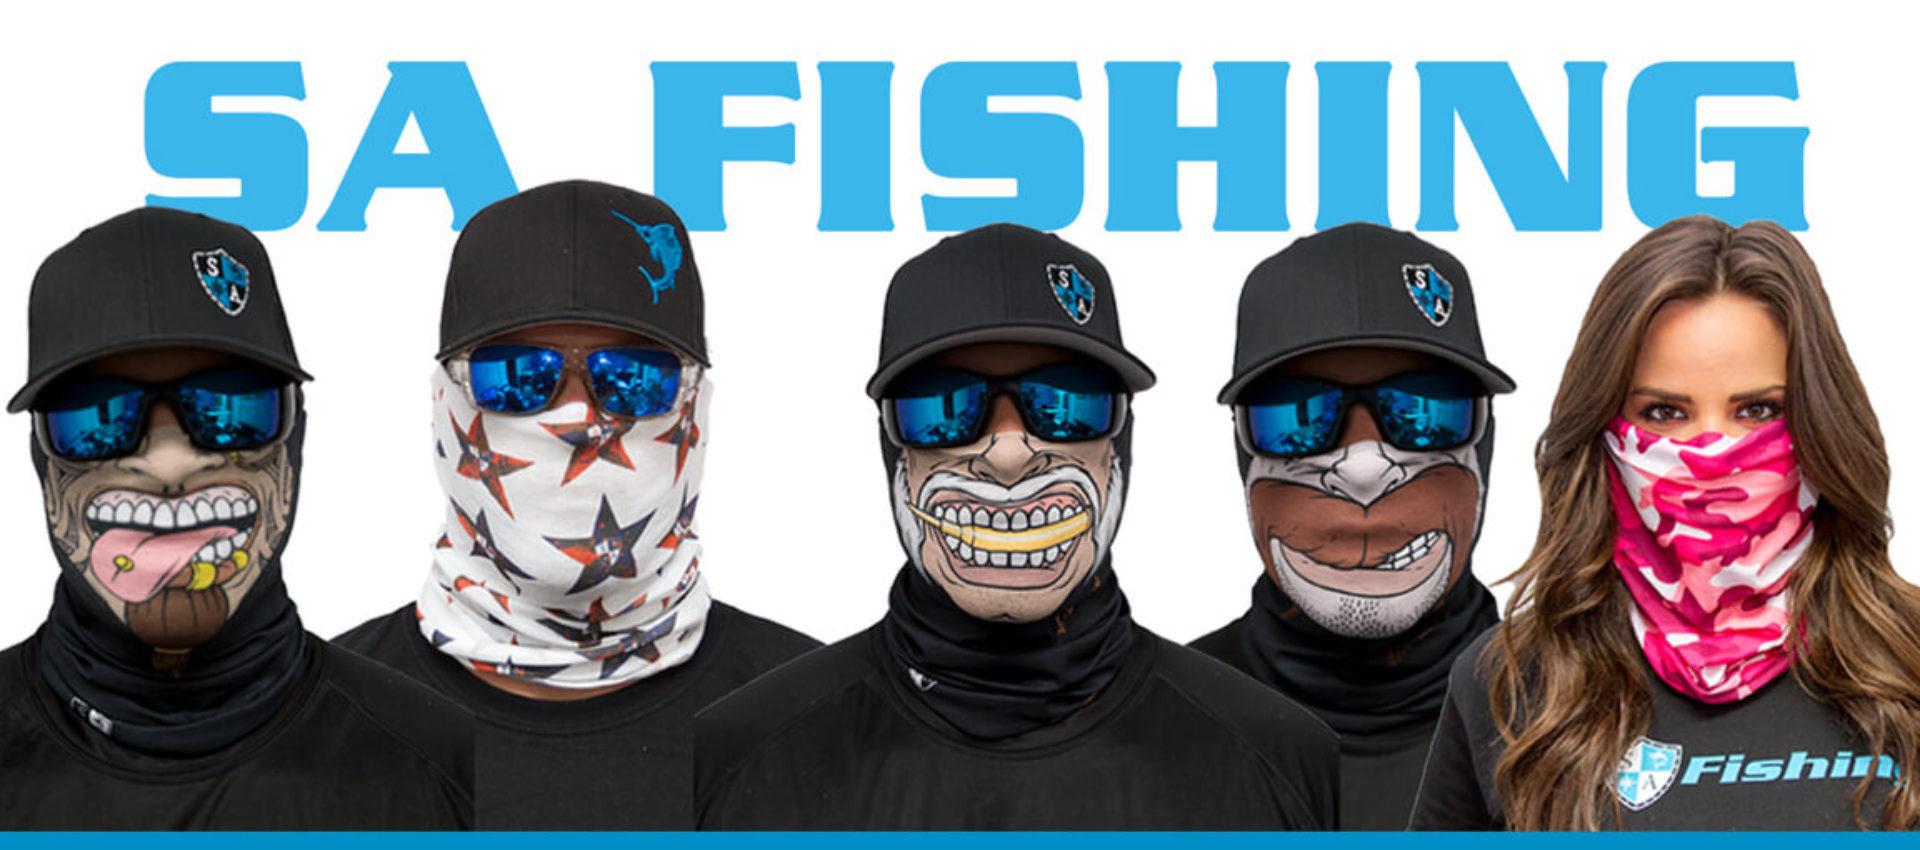 Sa fishing reviews face shield reviews sa fishing for Sa fishing face shield review